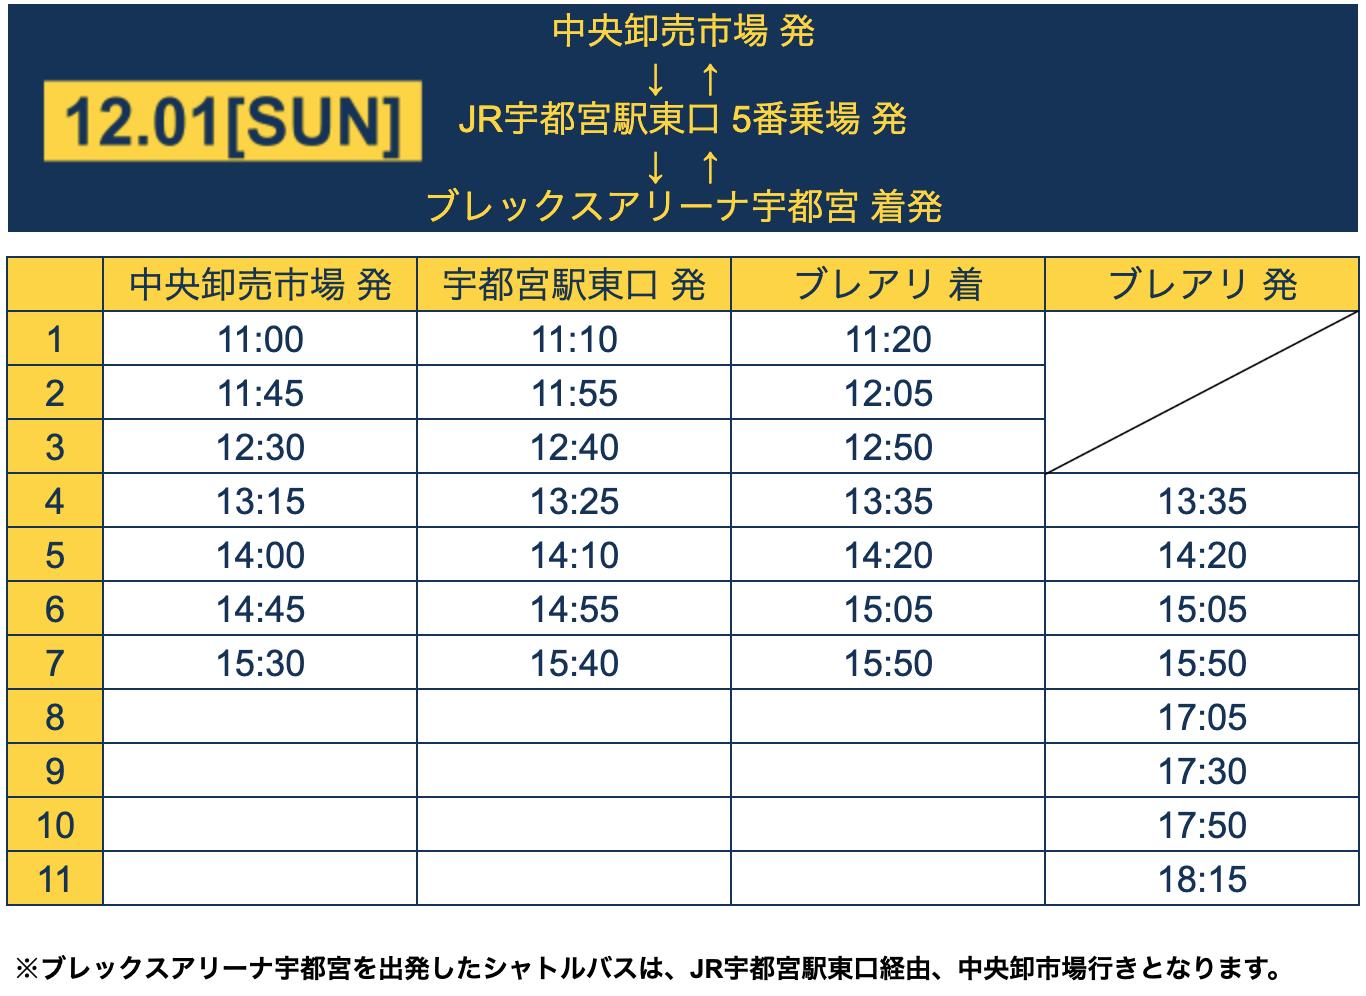 2019年12月01日(日) 無料シャトルバス時刻表